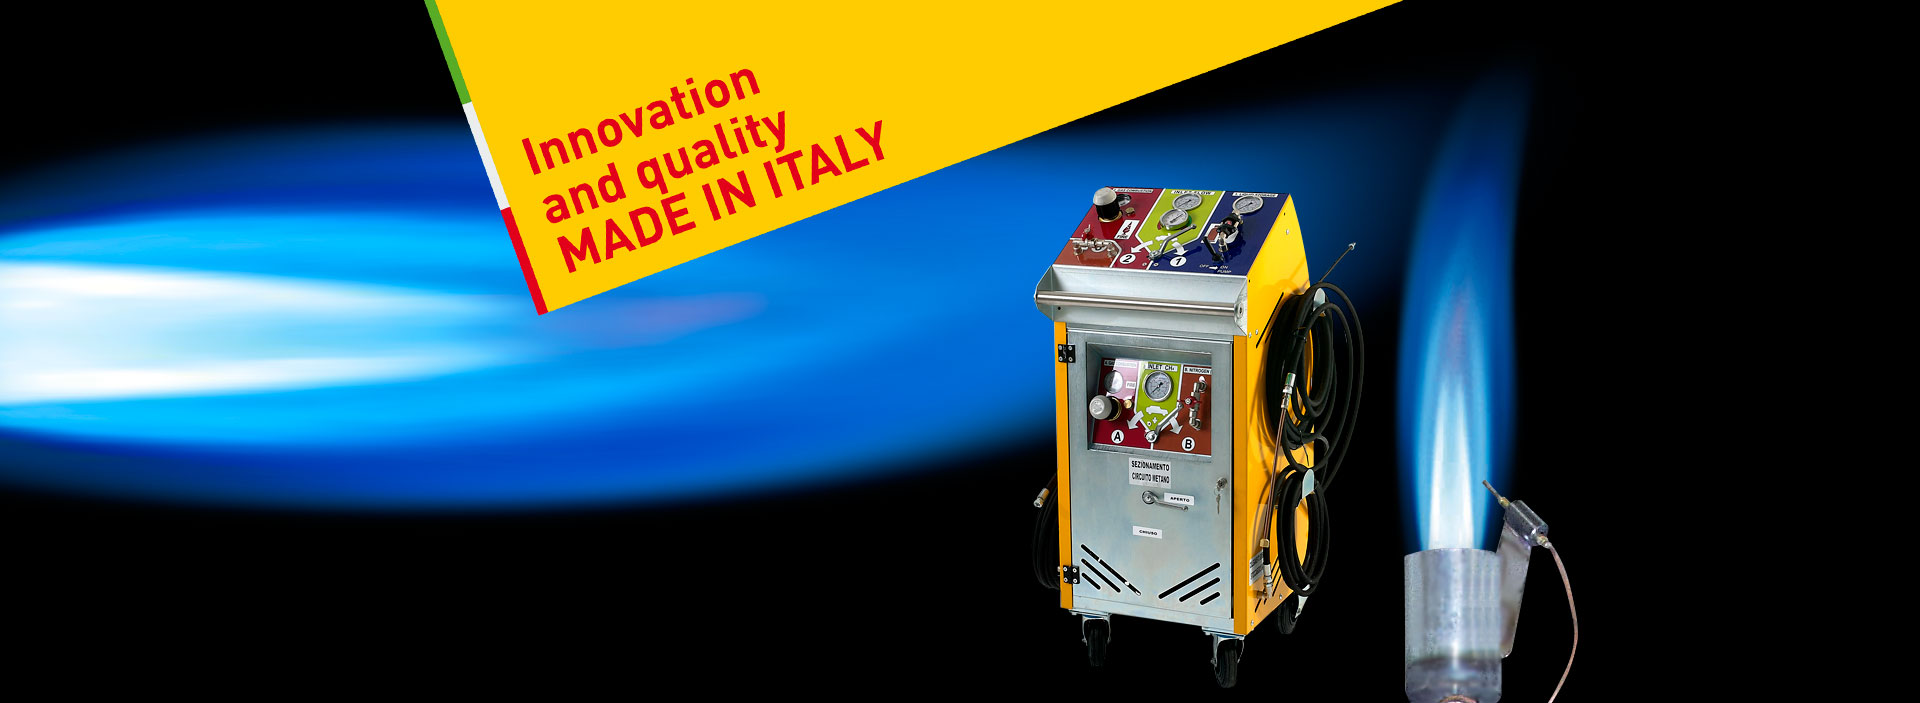 il kit di pompaggio olio MID-MI005 dotato di sistema automatico per l'eliminazione dell'aria residua